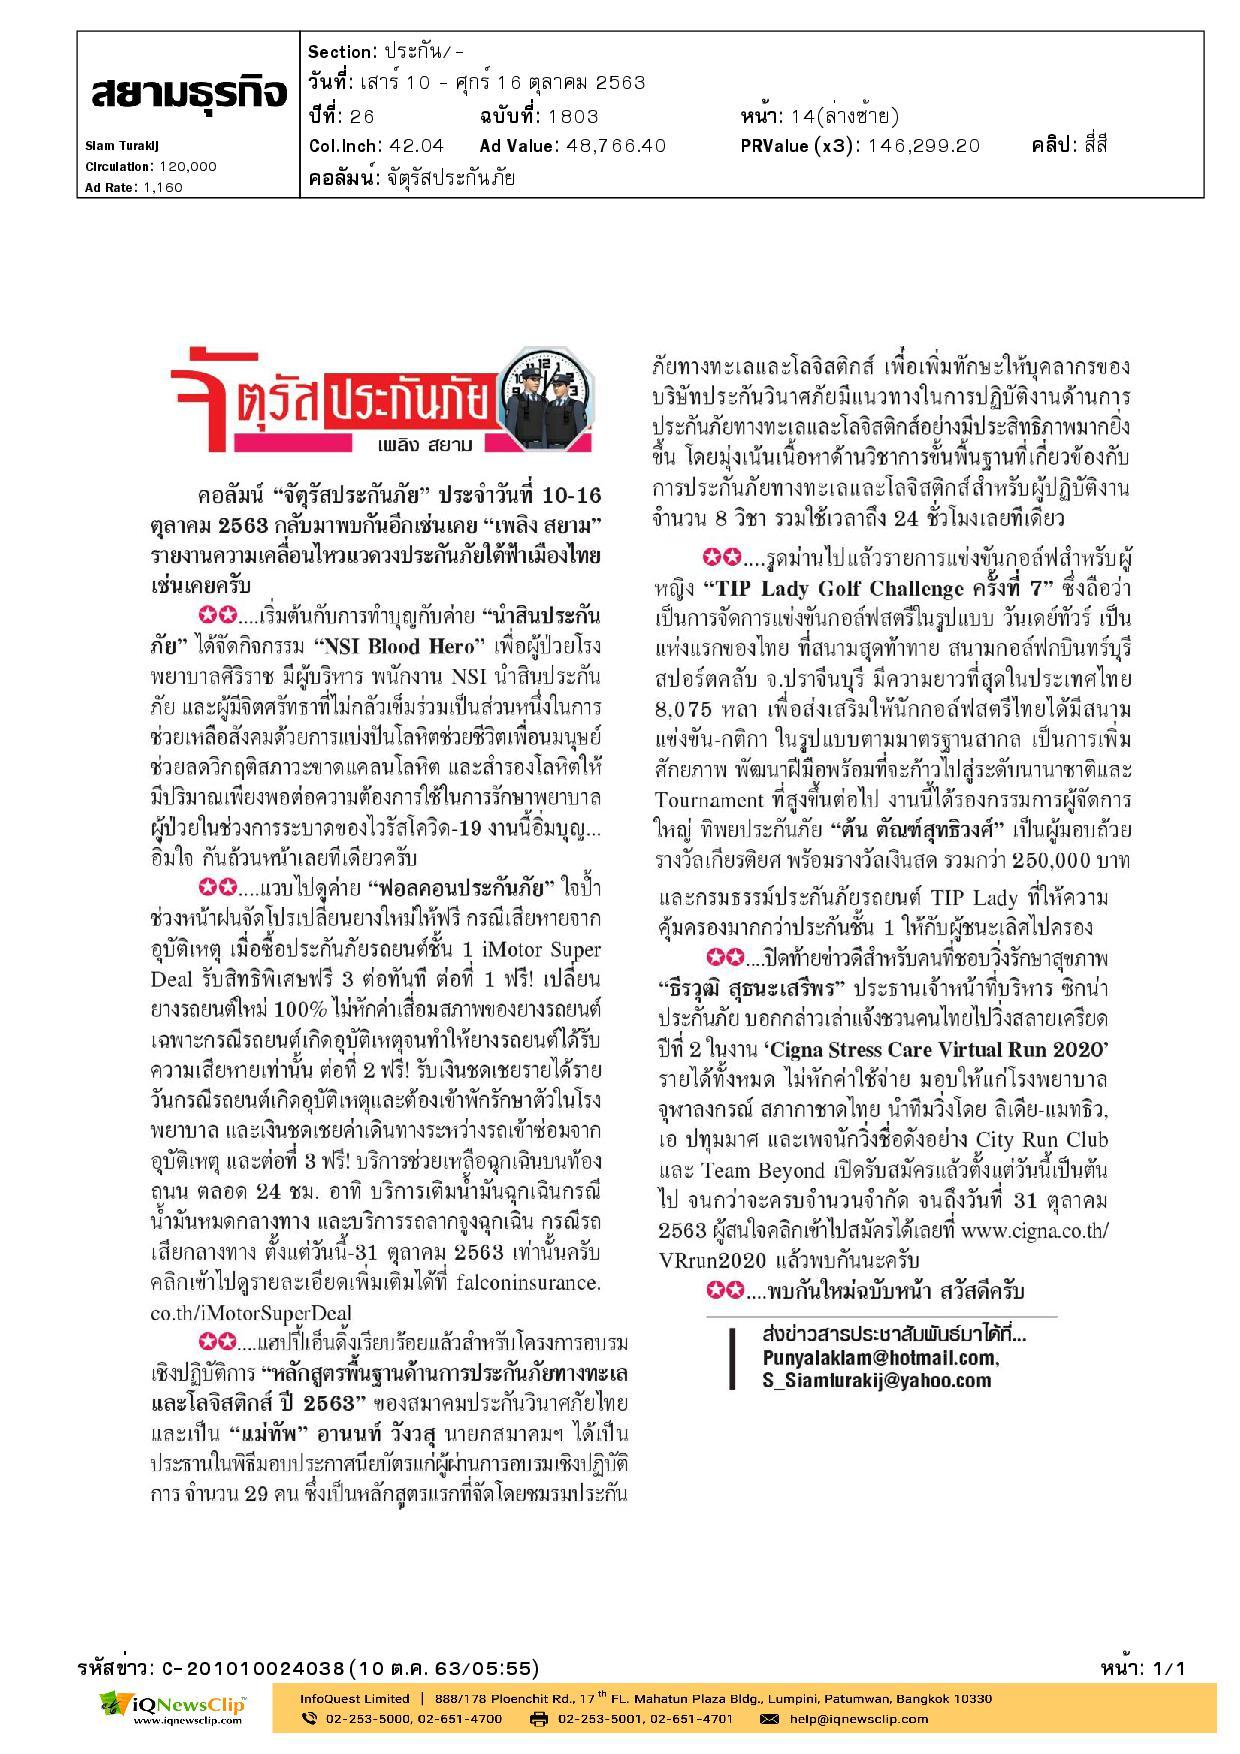 ชวนคนไทยวิ่งสลายเครียด รายได้มอบให้ รพ.จุฬาฯ